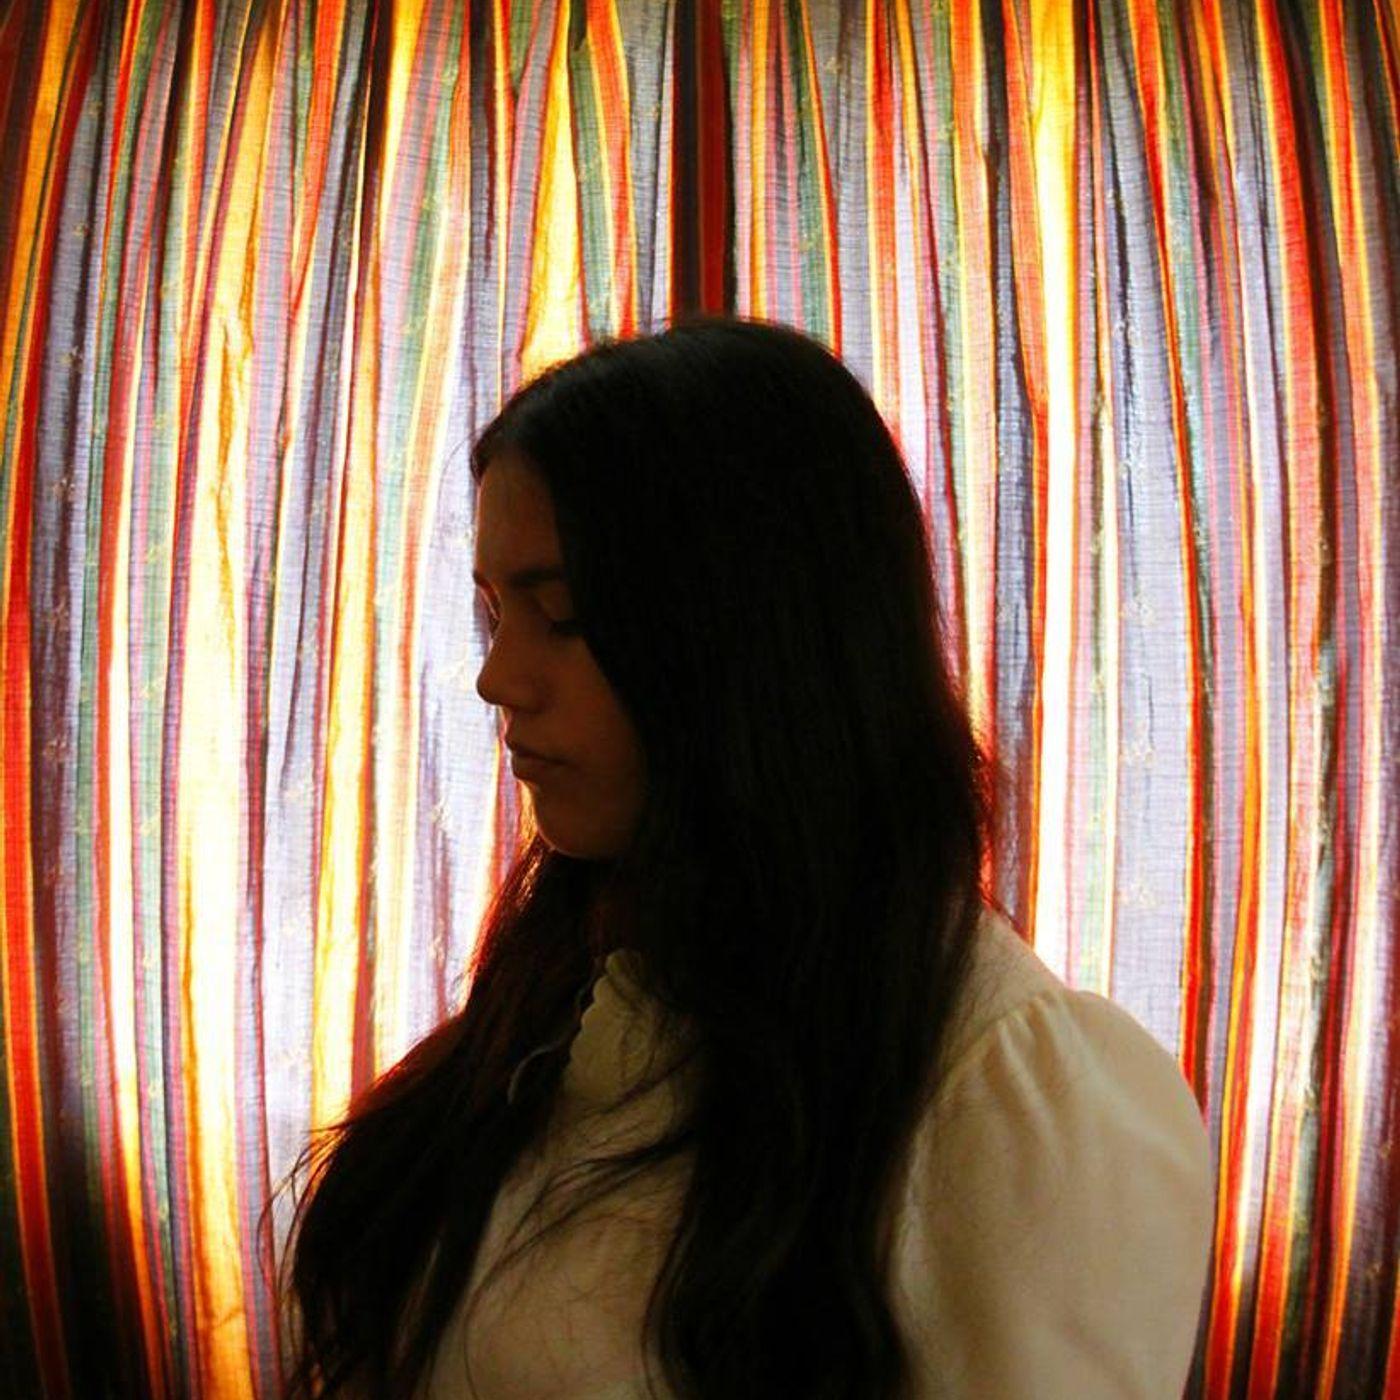 Poema 2 - Valeria Román Marroquín